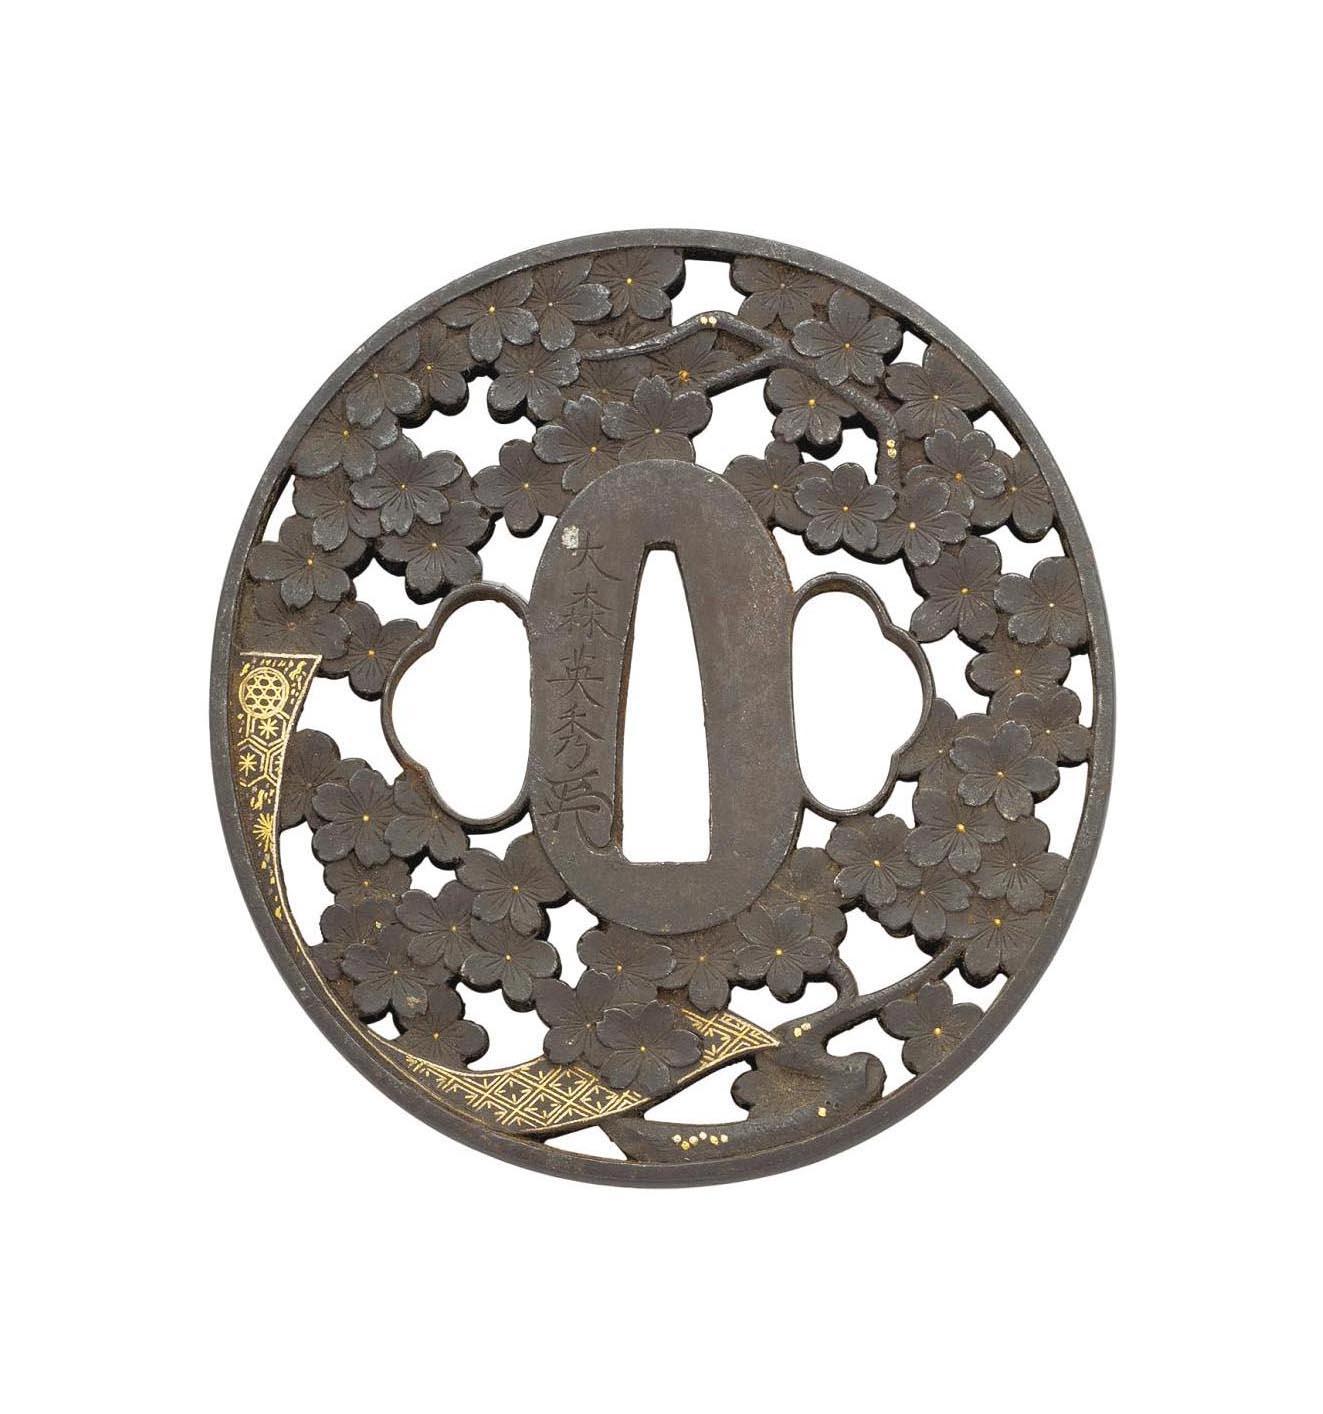 An Oval Iron Tsuba